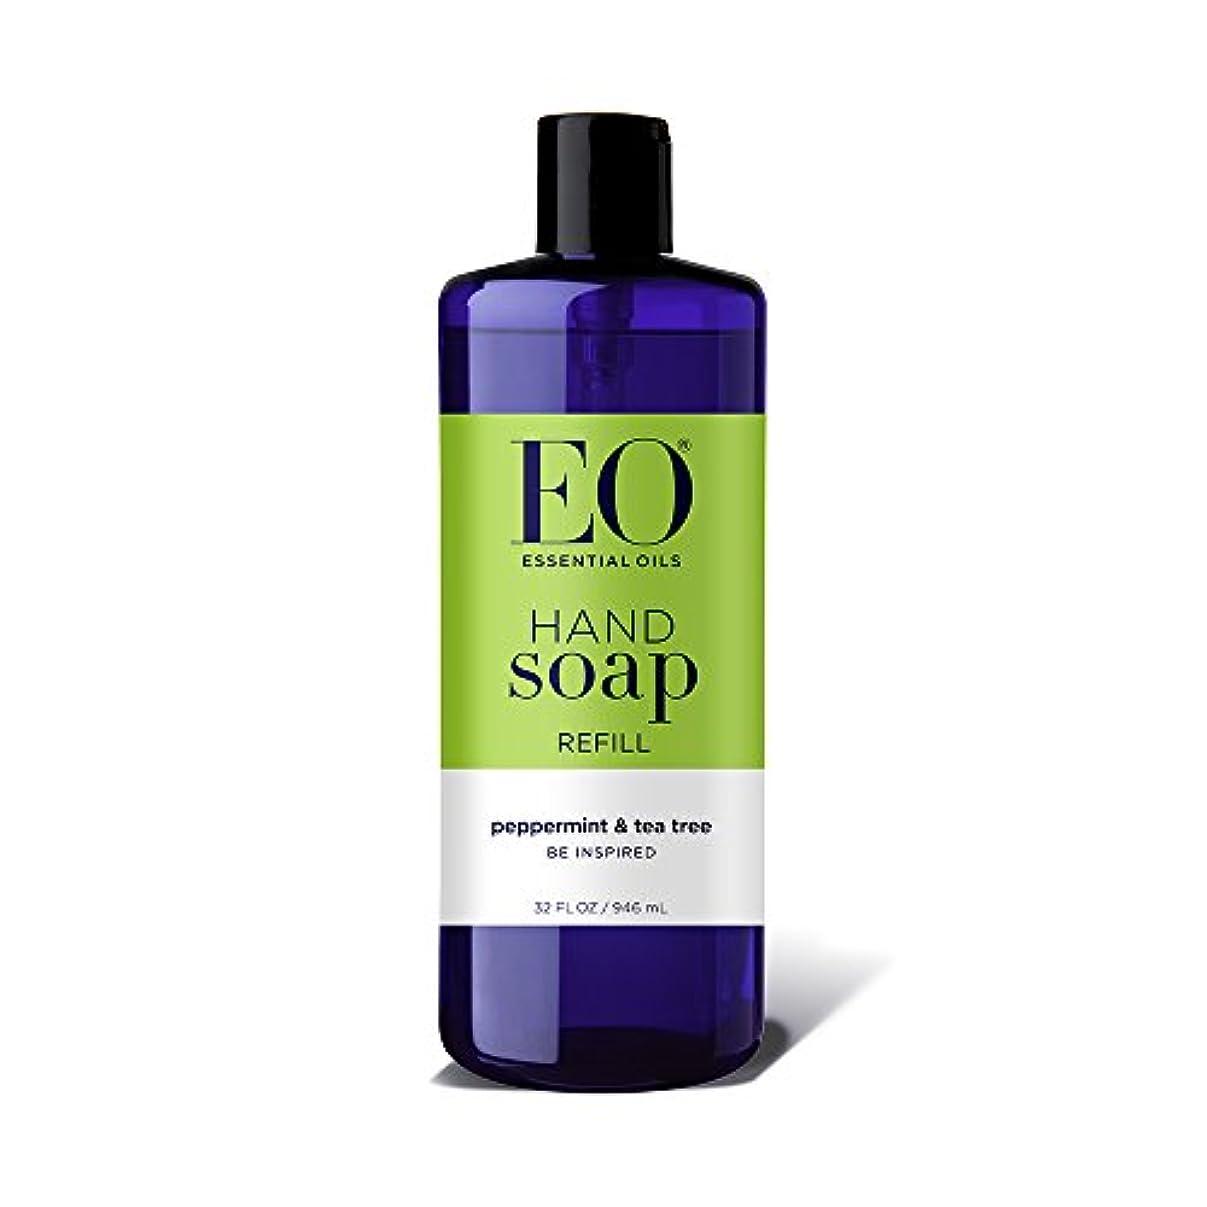 頬こんにちは生物学海外直送品EO Products Hand Soap Peppermint Refill, Refill Peppermint & Tea, 32 Oz